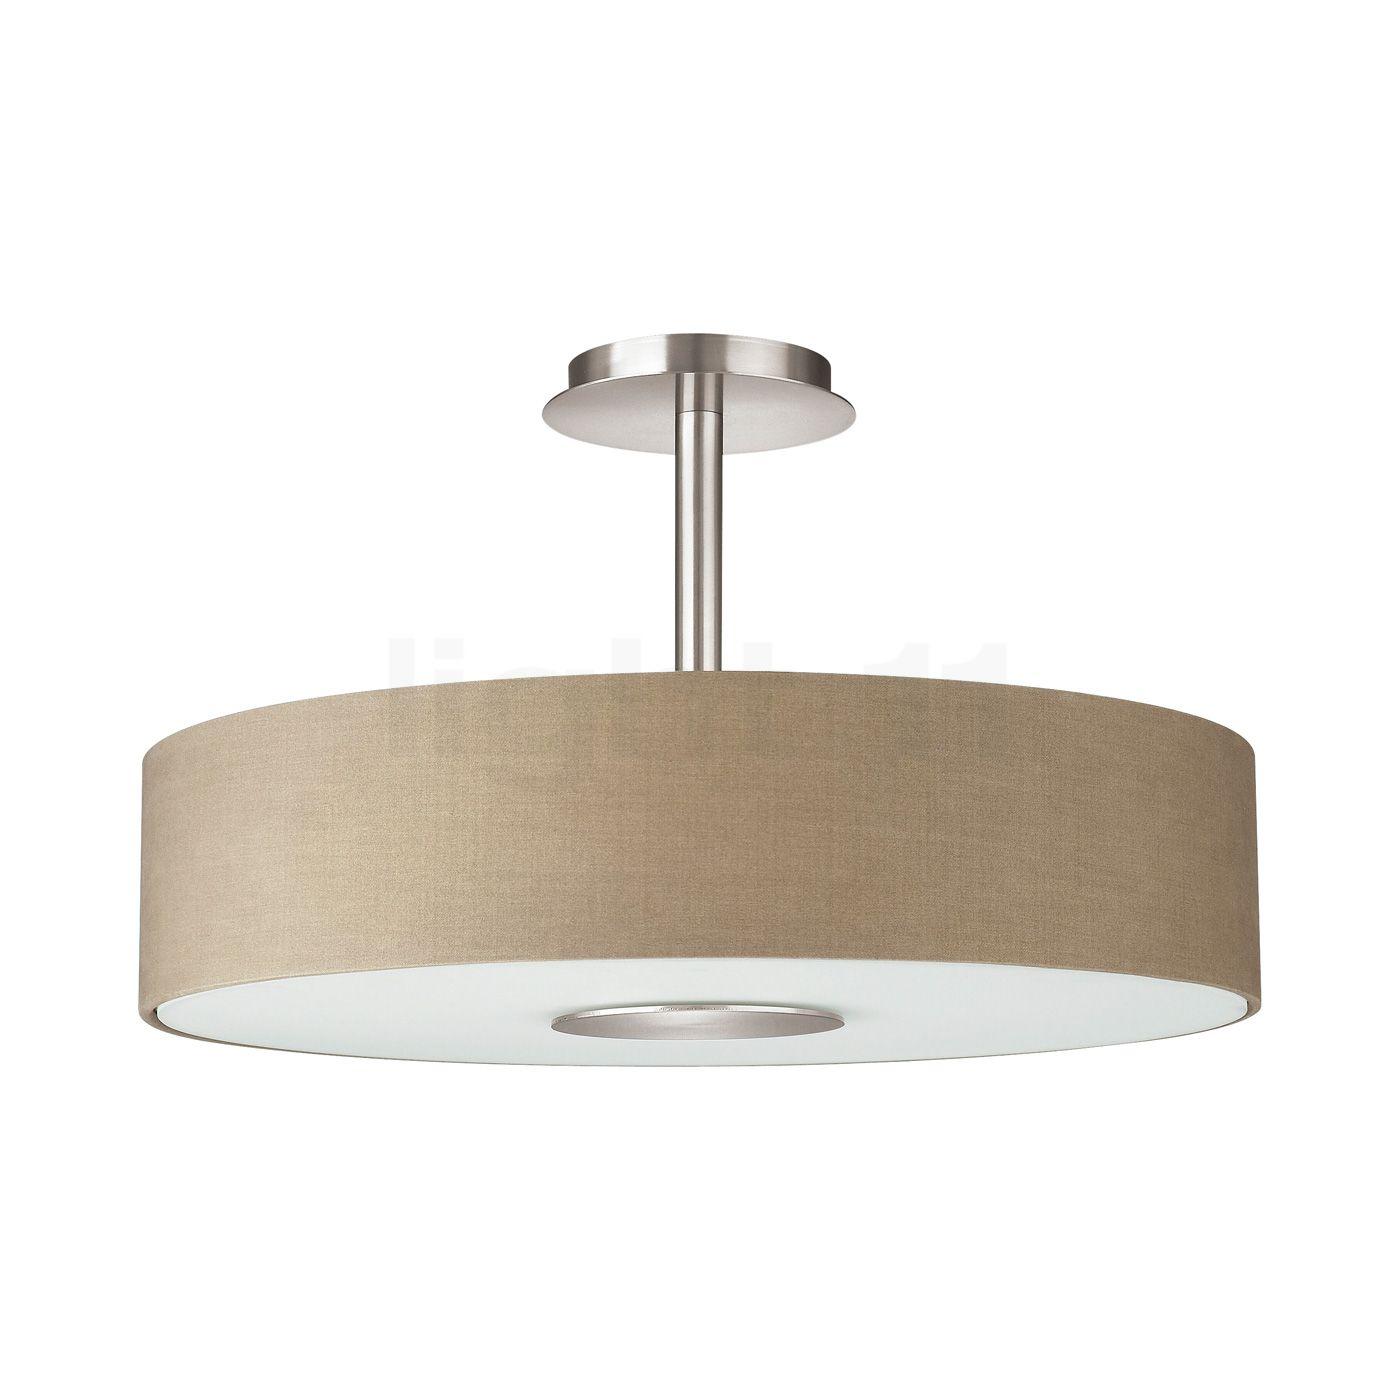 Philips Instyle Flora Deckenleuchte Kaufen Bei Light11.de, Schlafzimmer  Entwurf